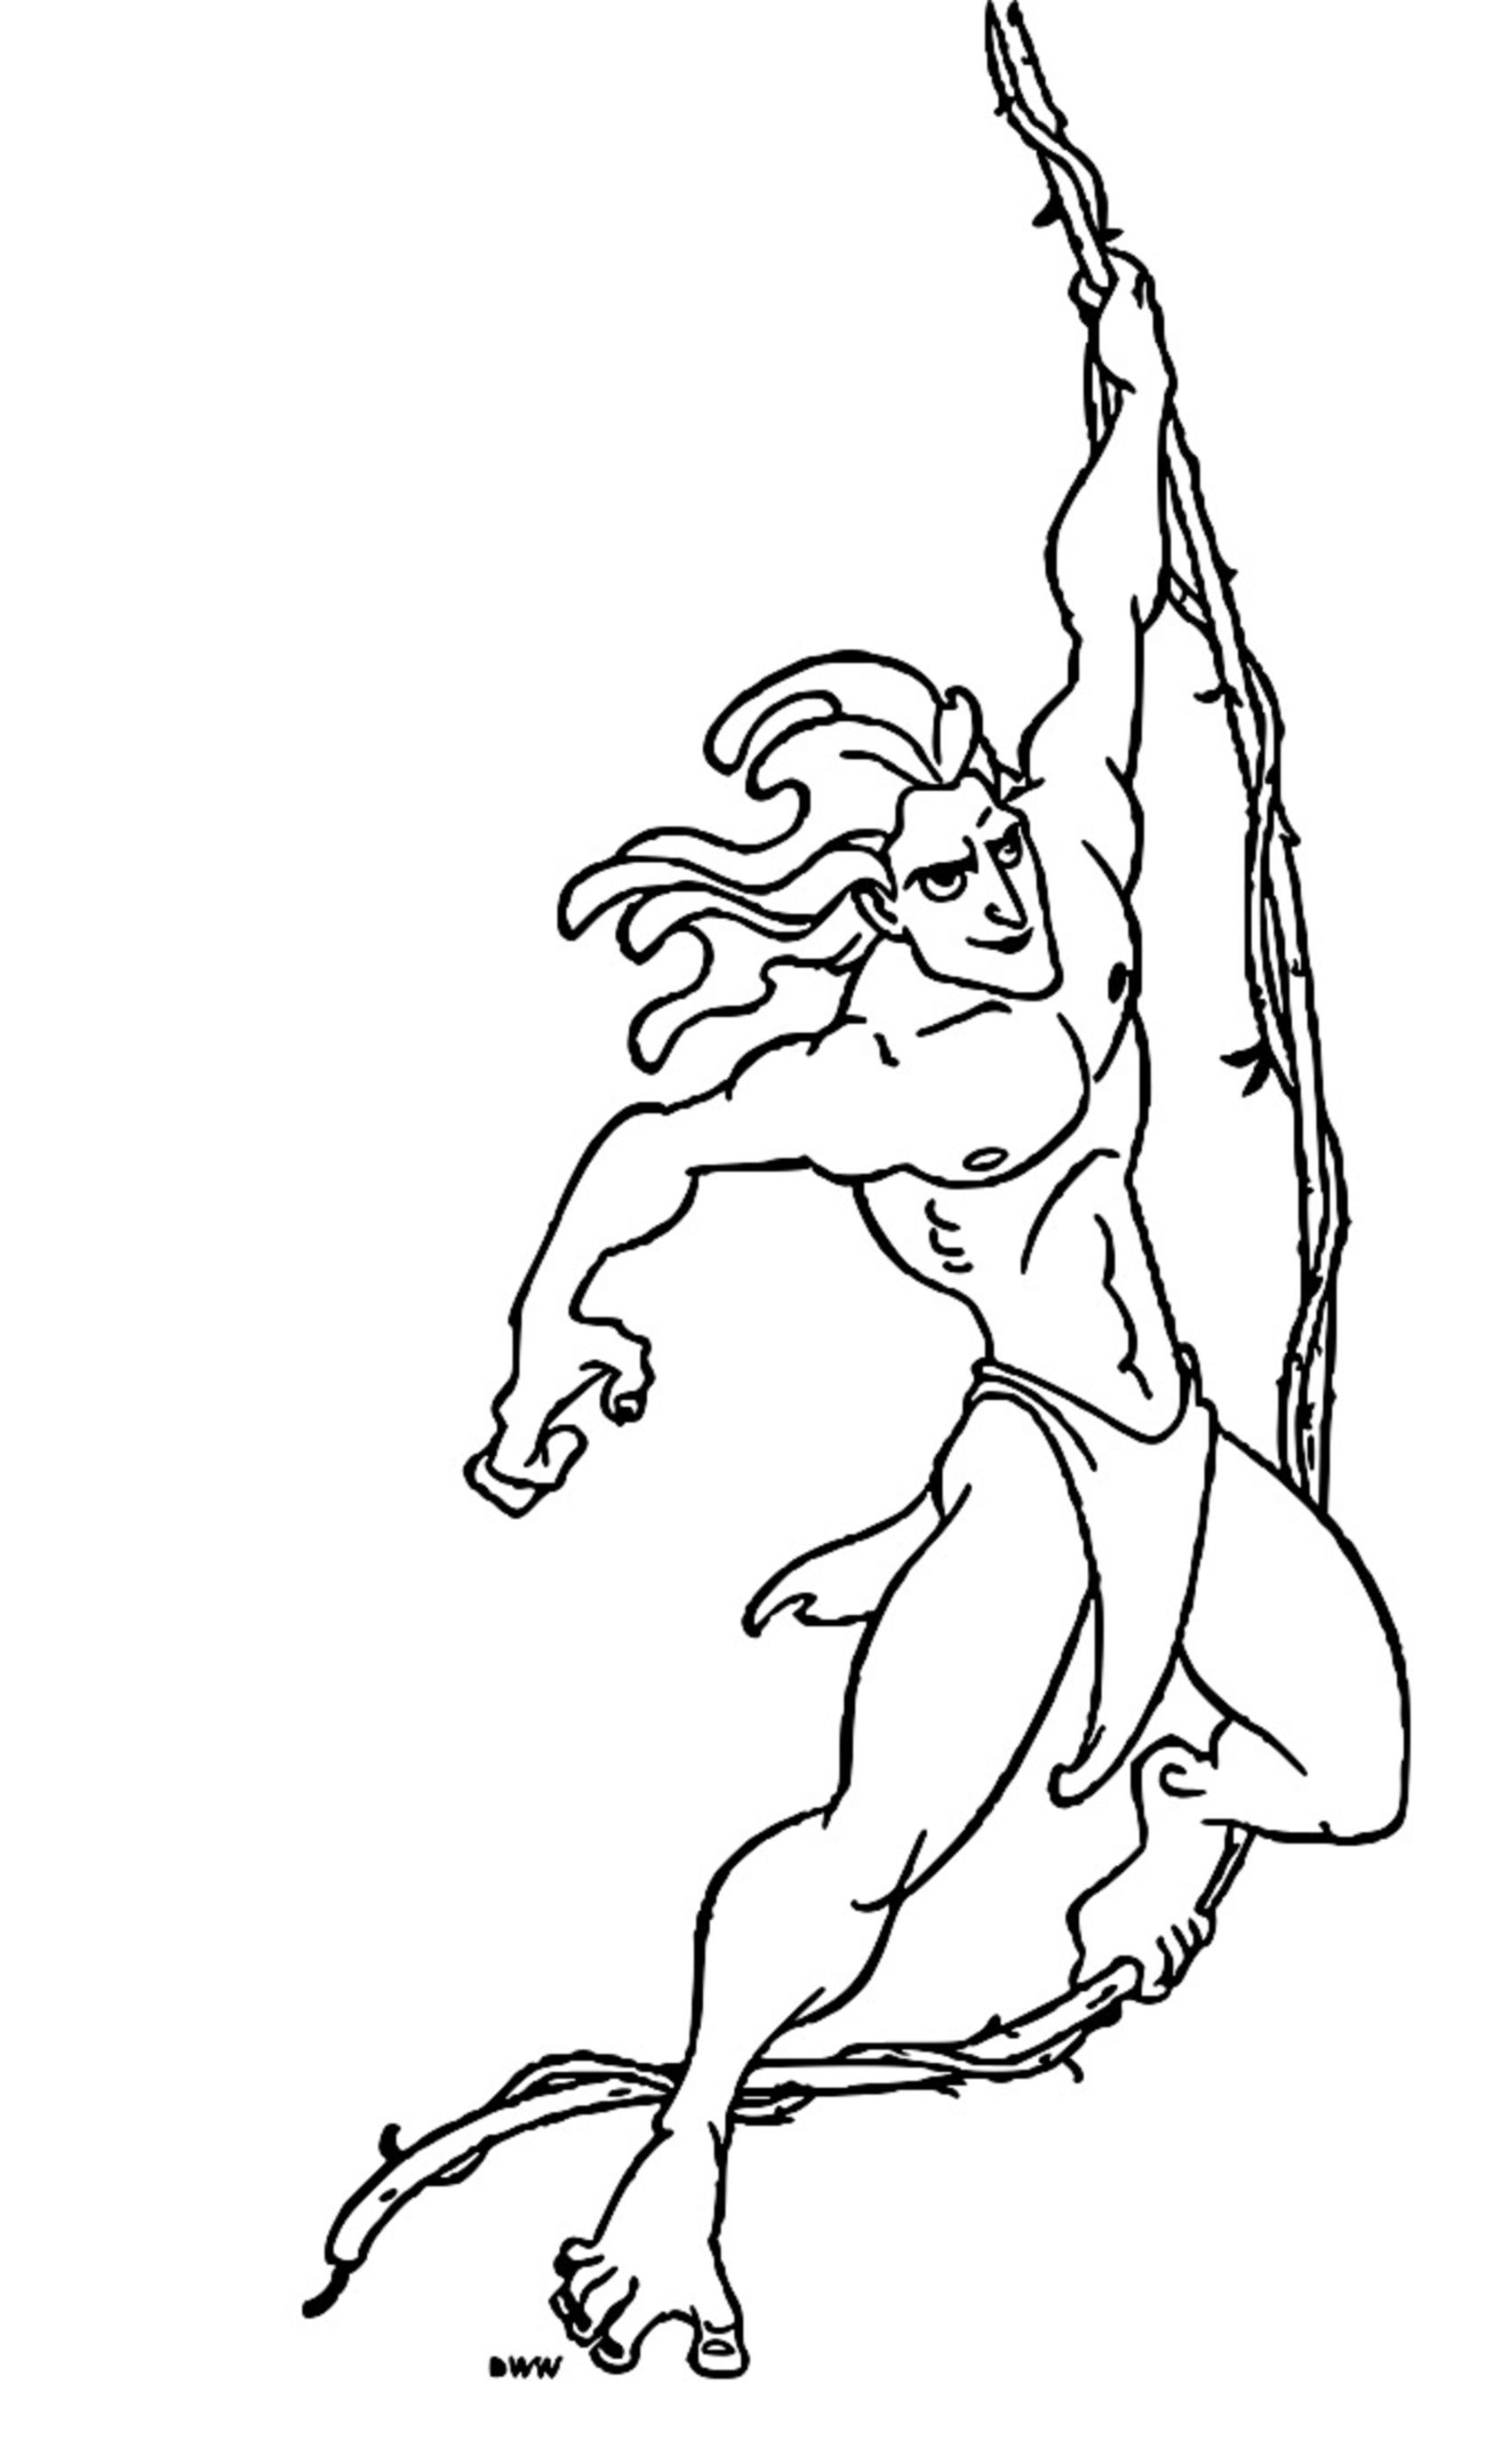 Tarzan Coloring Page 1